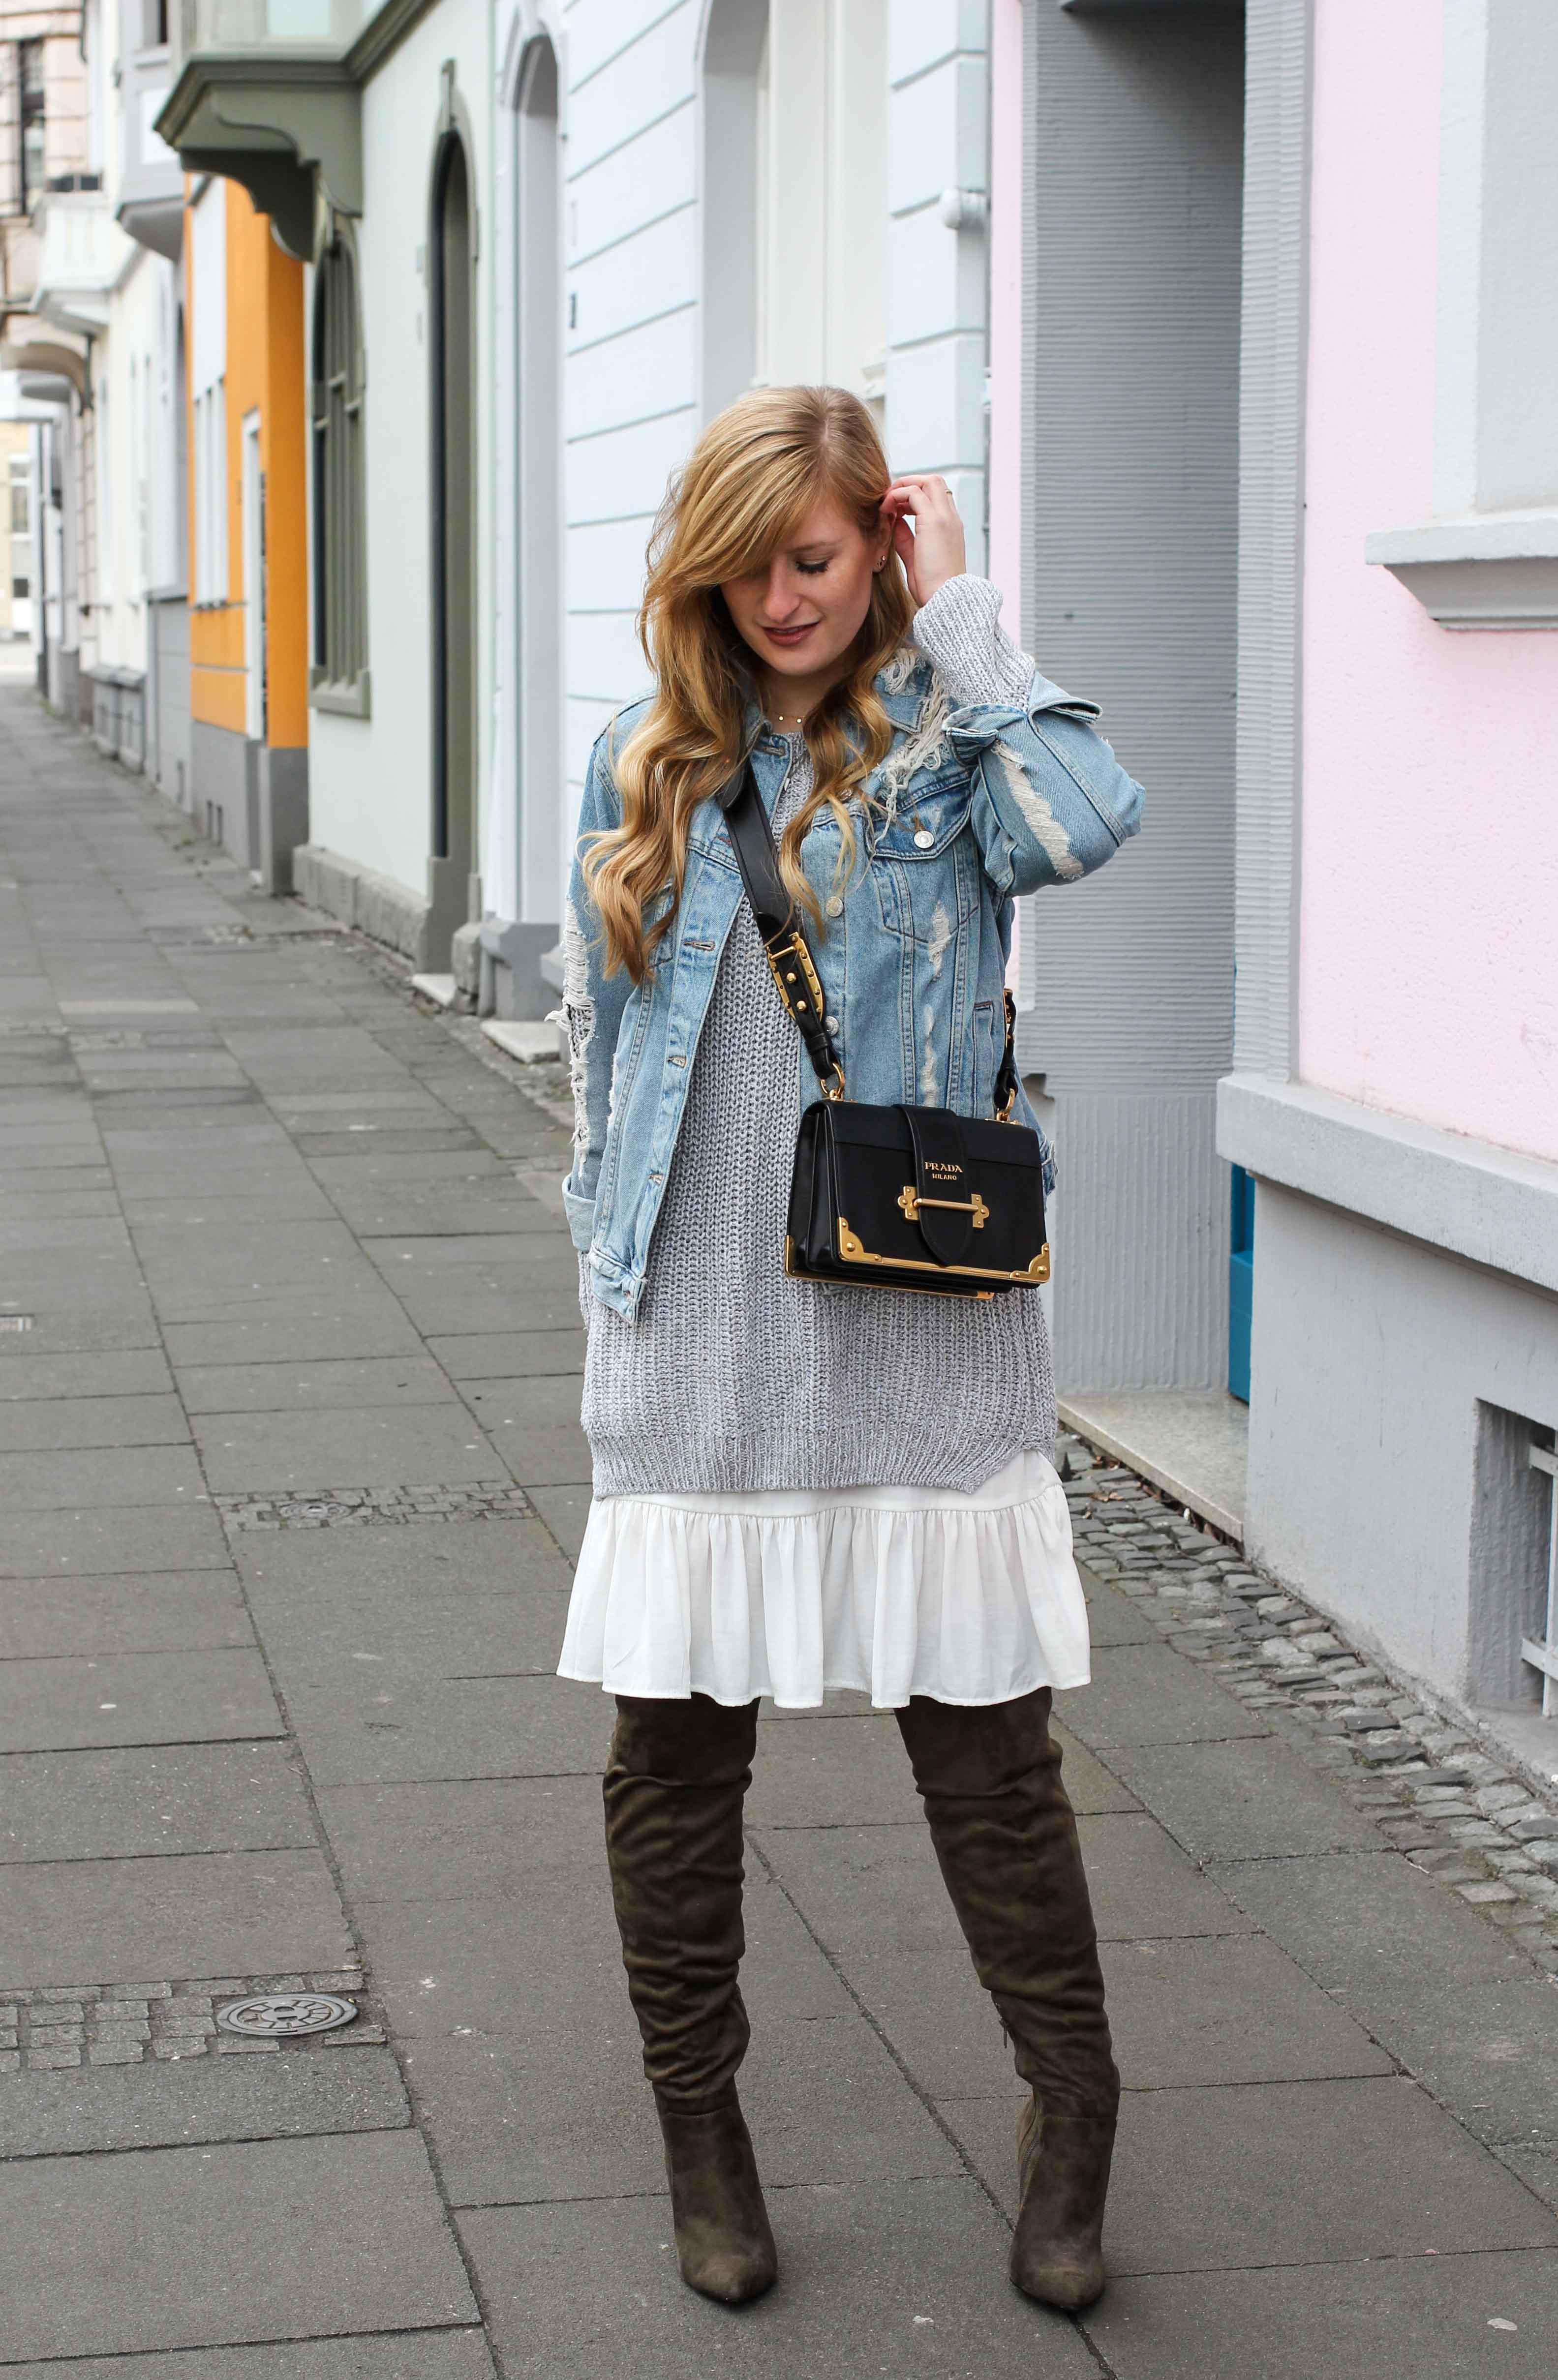 Winter Layering mit Kleid grauer Pullover grüne Overknees Outfit zerrissene Jeansjacke Prada Cahier Bag Designertasche Streetstyle Modeblog Bonn Fashion Blog Deutschland